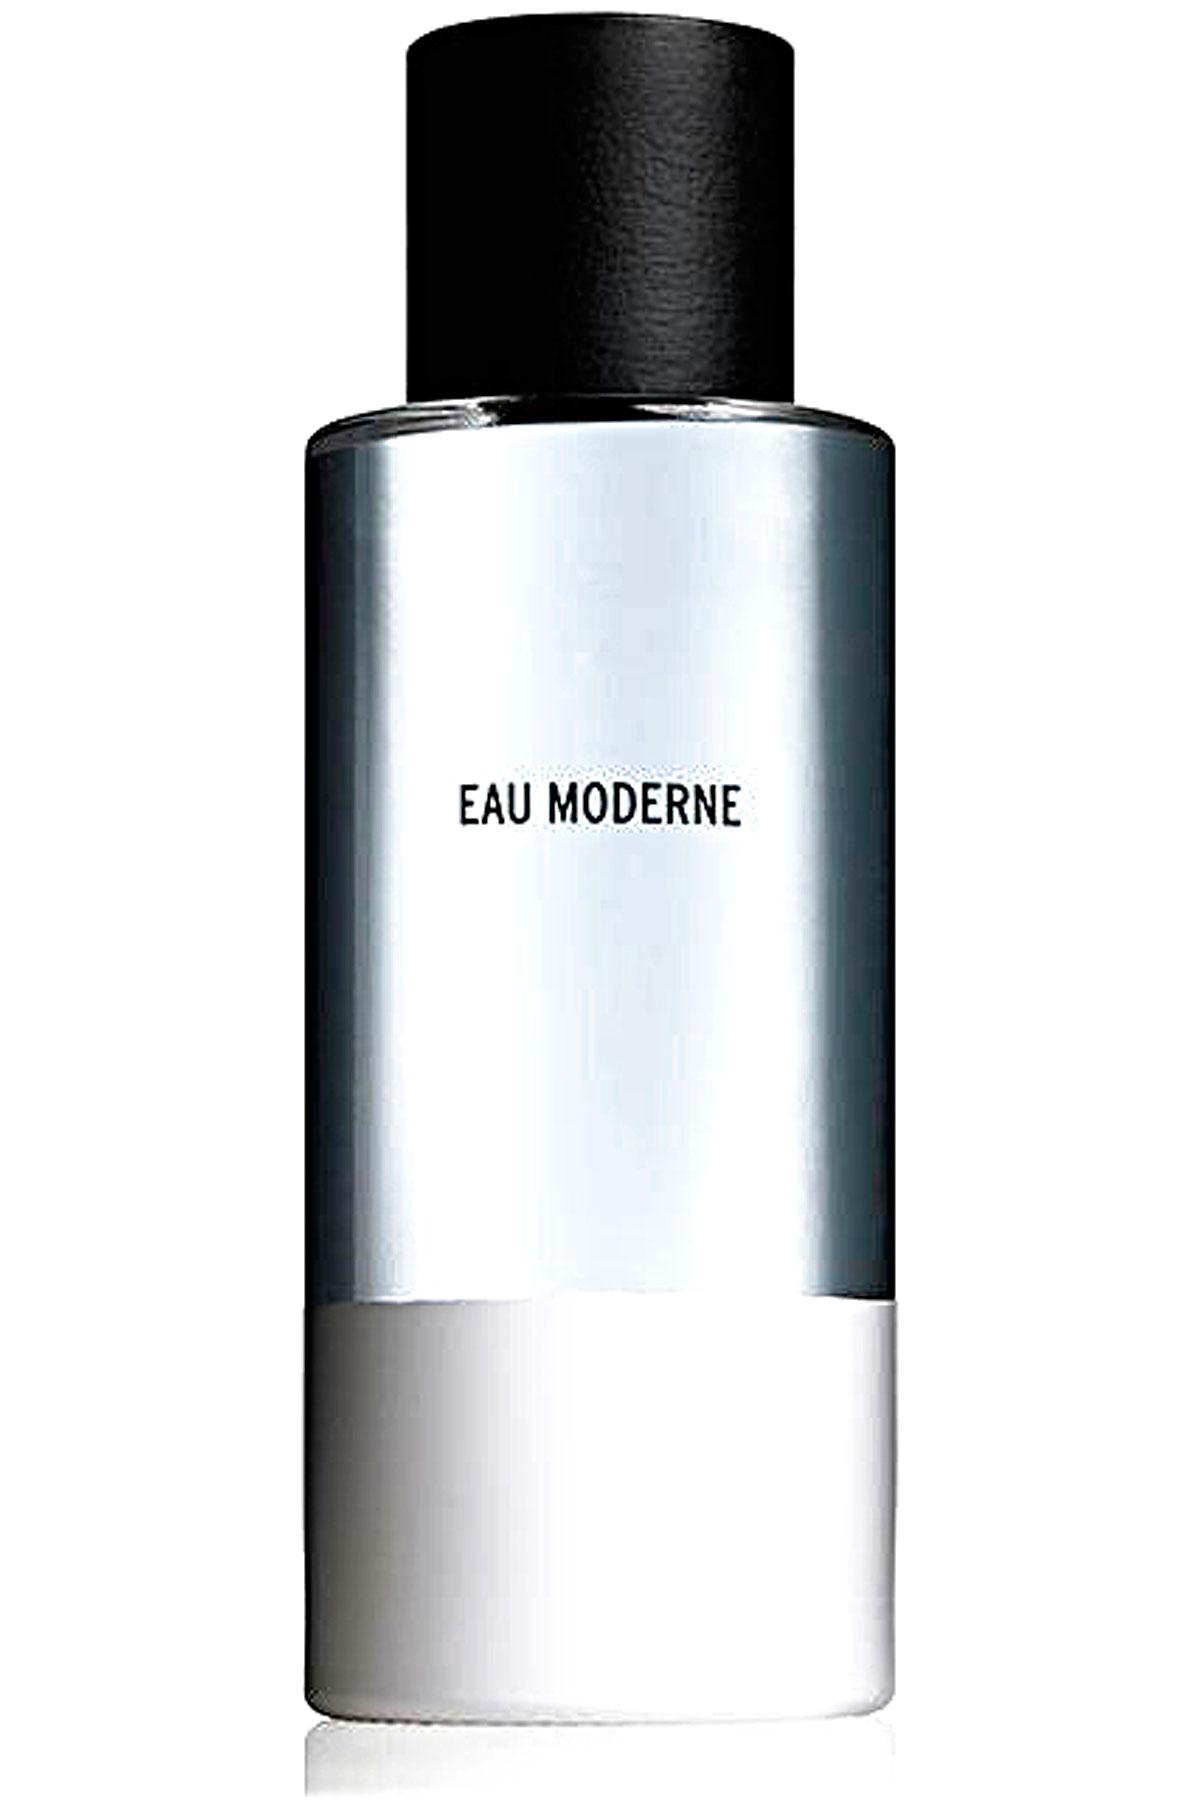 Thirdman Mens Fragrances, Eau Moderne - Eau Contemporaine - 100 Ml, 2019, 100 ml